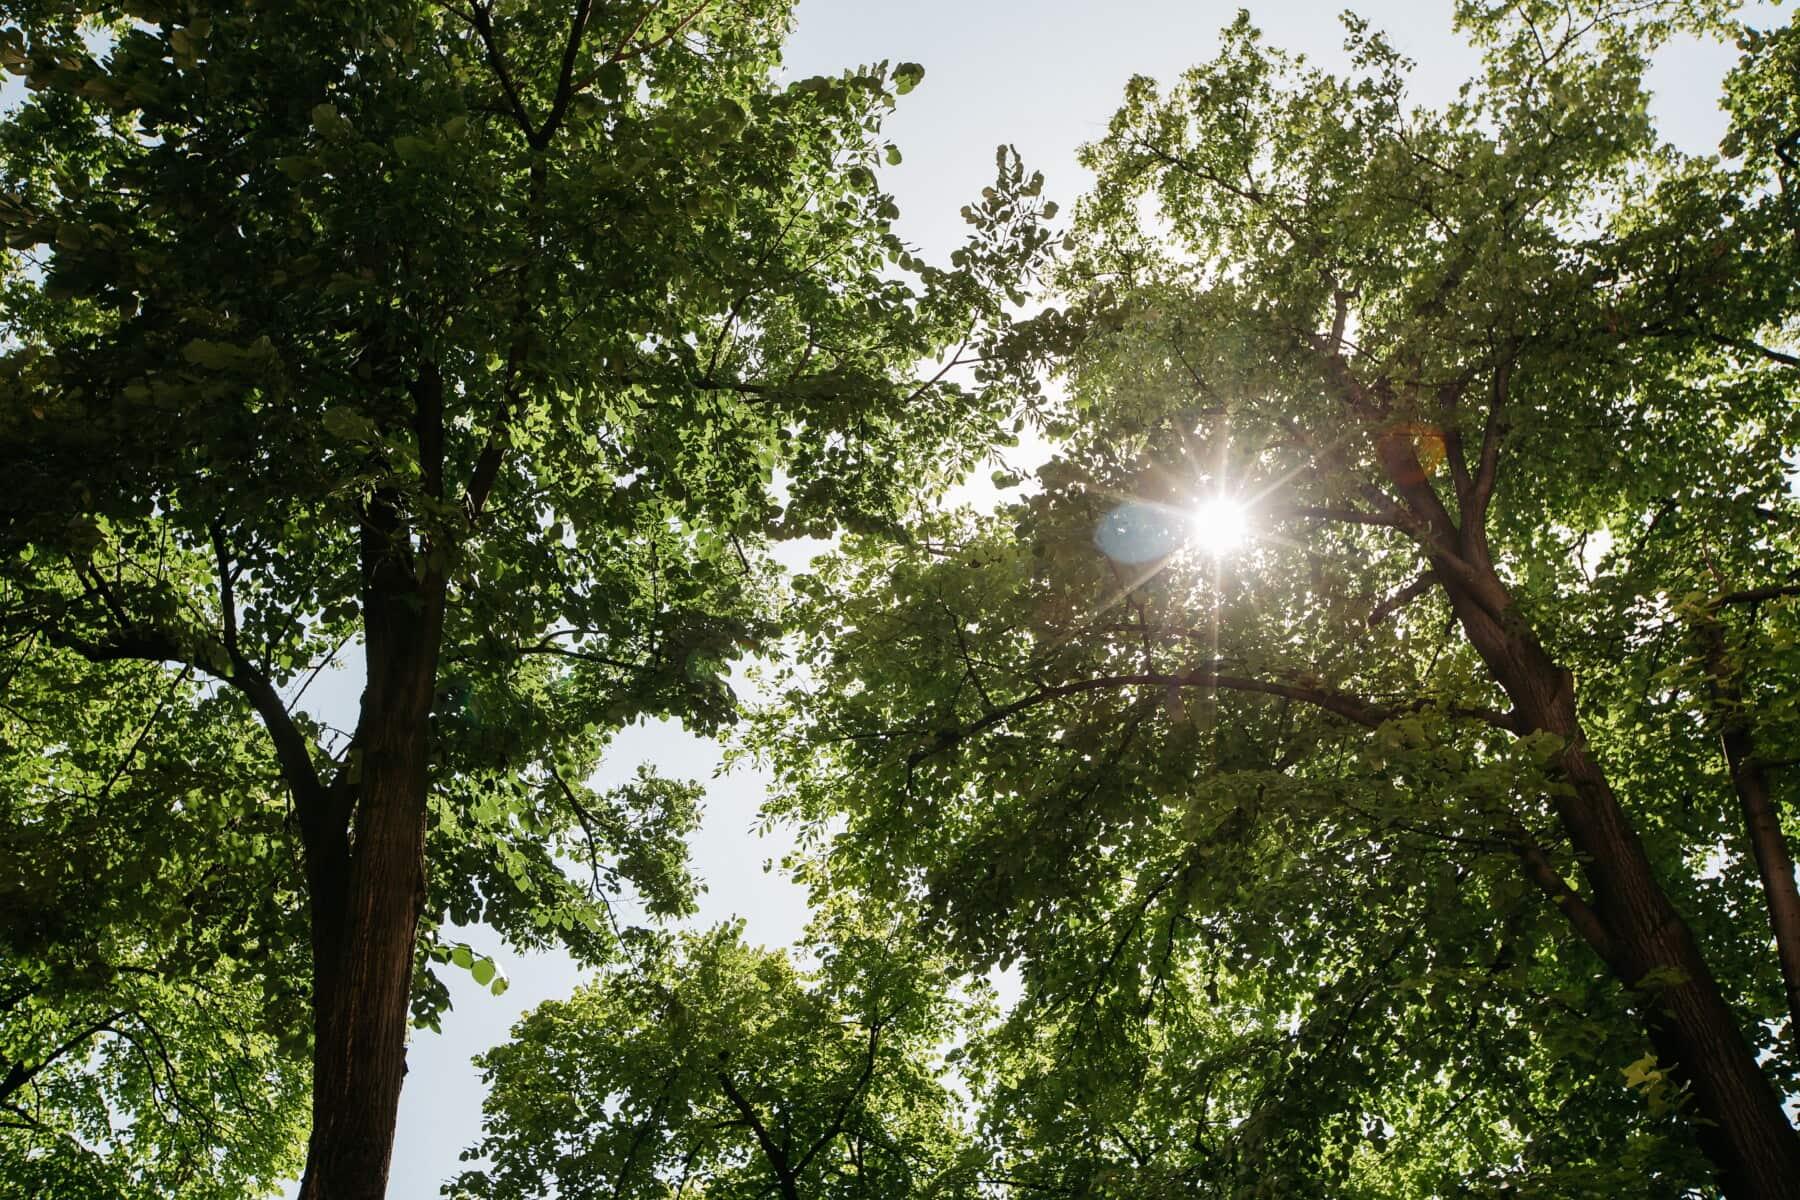 дървета, слънчевите лъчи, Слънчев, клонове, Съншайн, гора, листа, растителна, дърво, парк